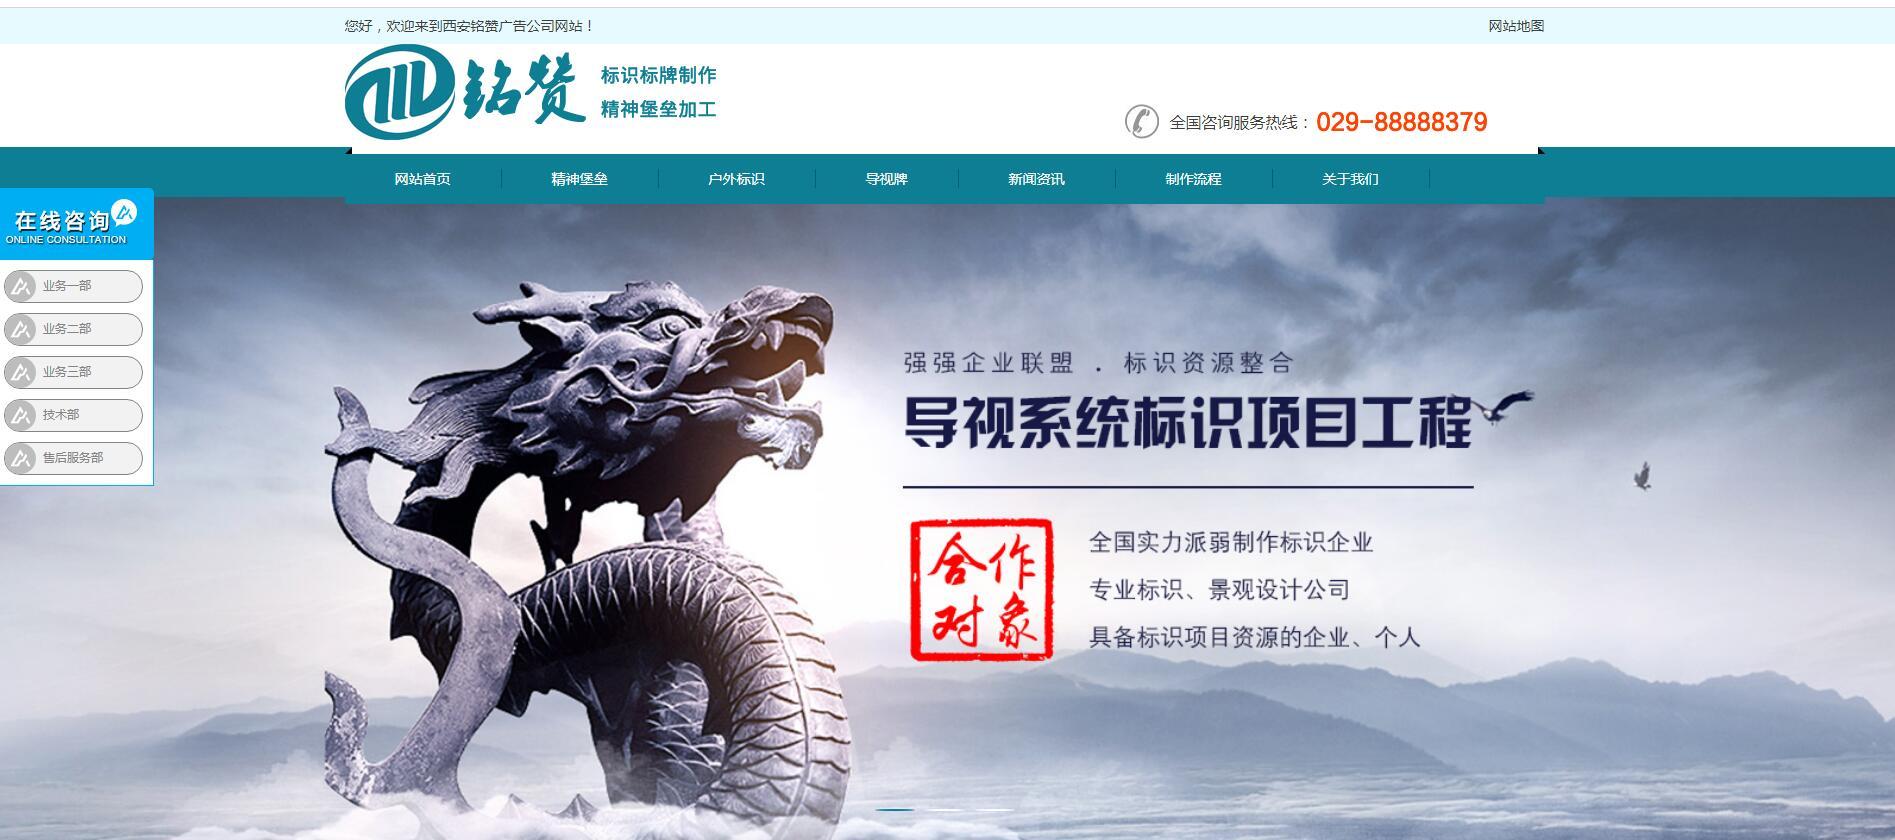 庆阳独立站的优化不可放弃因为这是唯一战胜同行的法宝